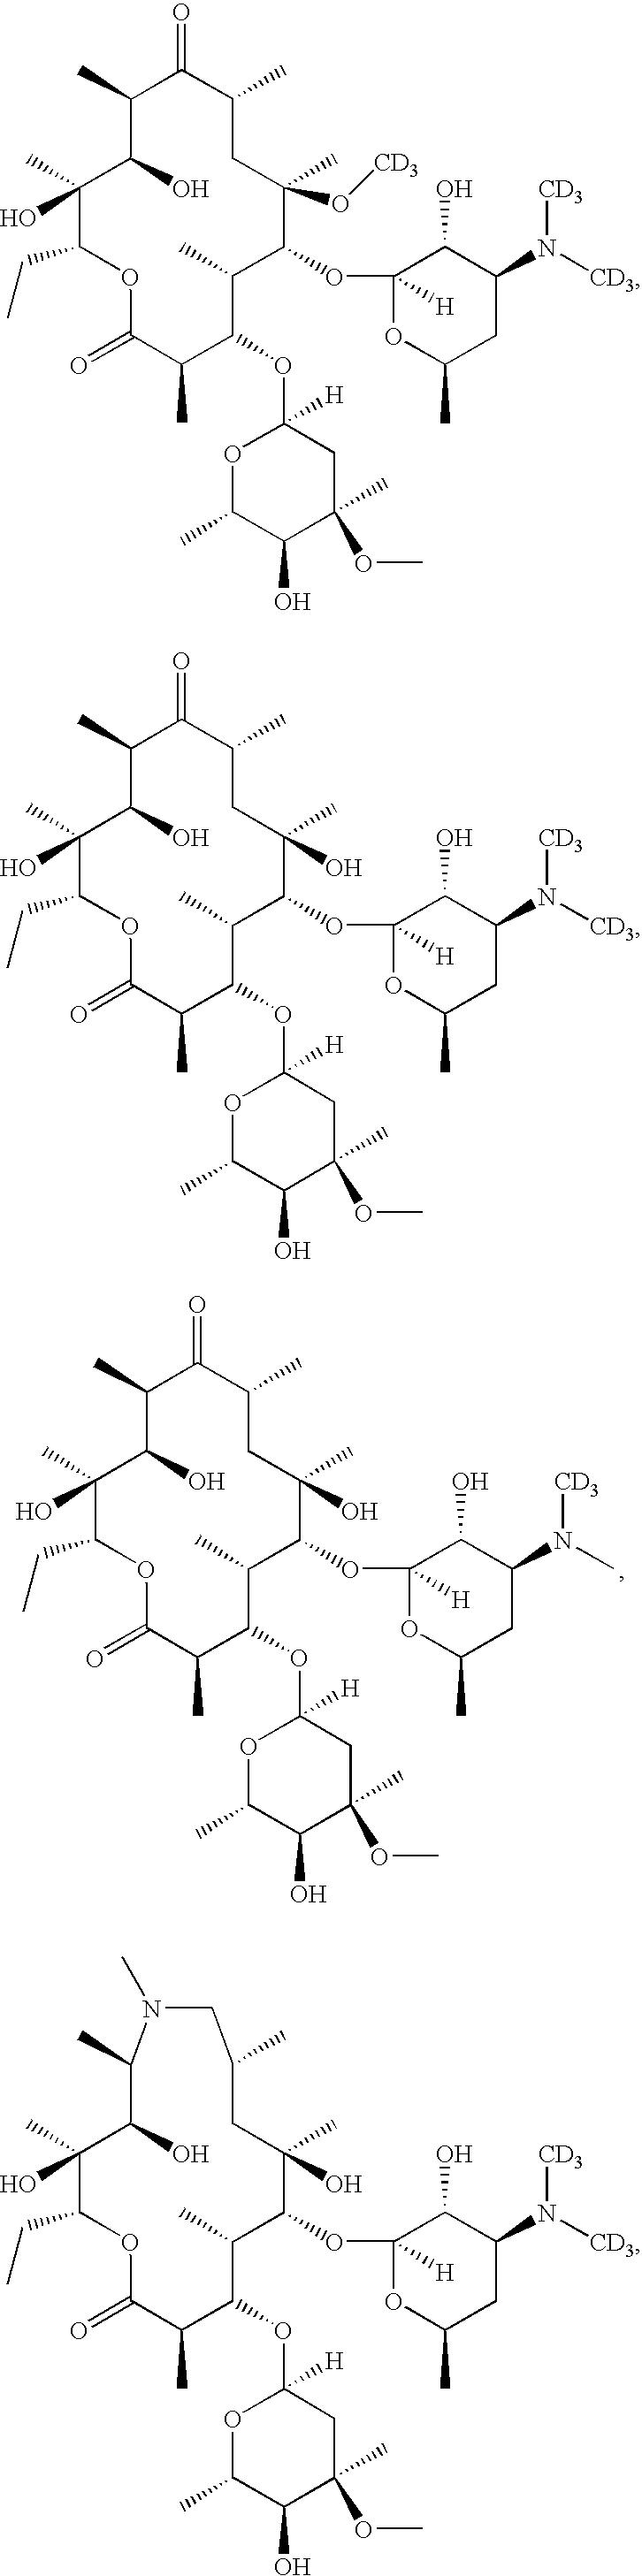 Figure US20070281894A1-20071206-C00019